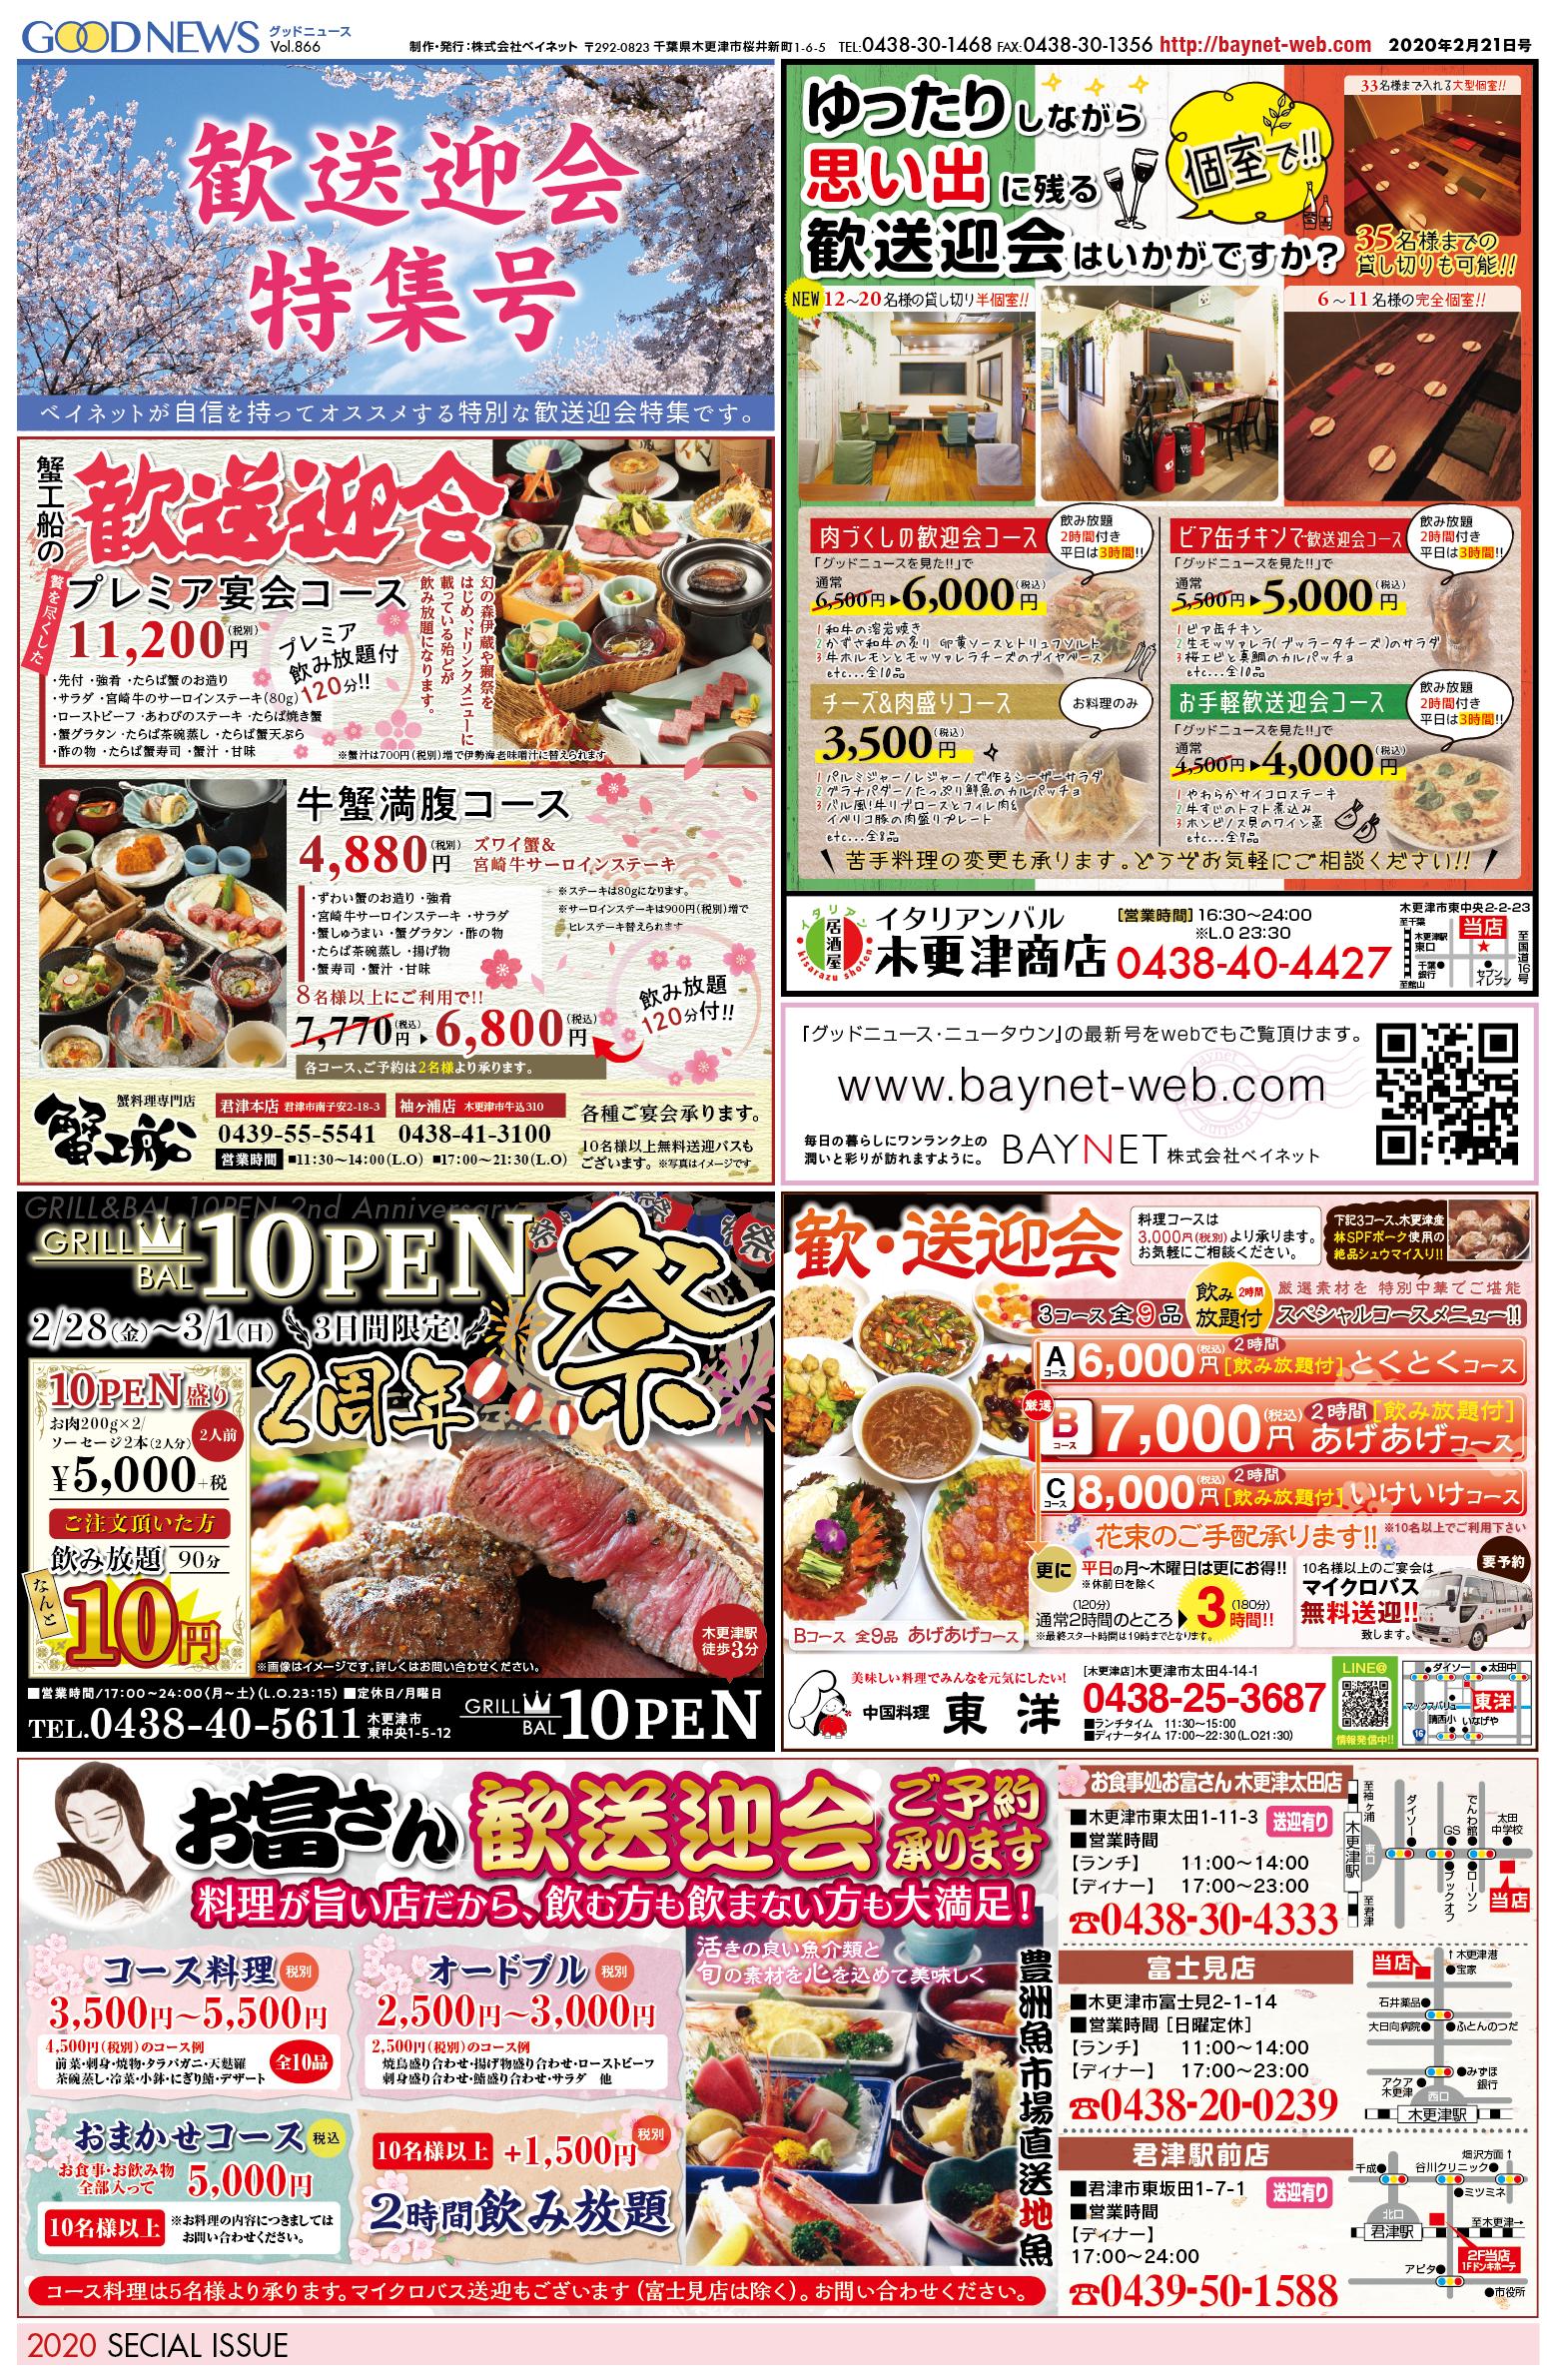 蟹工船 イタリアンバル木更津商店 中国料理東洋 10PEN お富さん